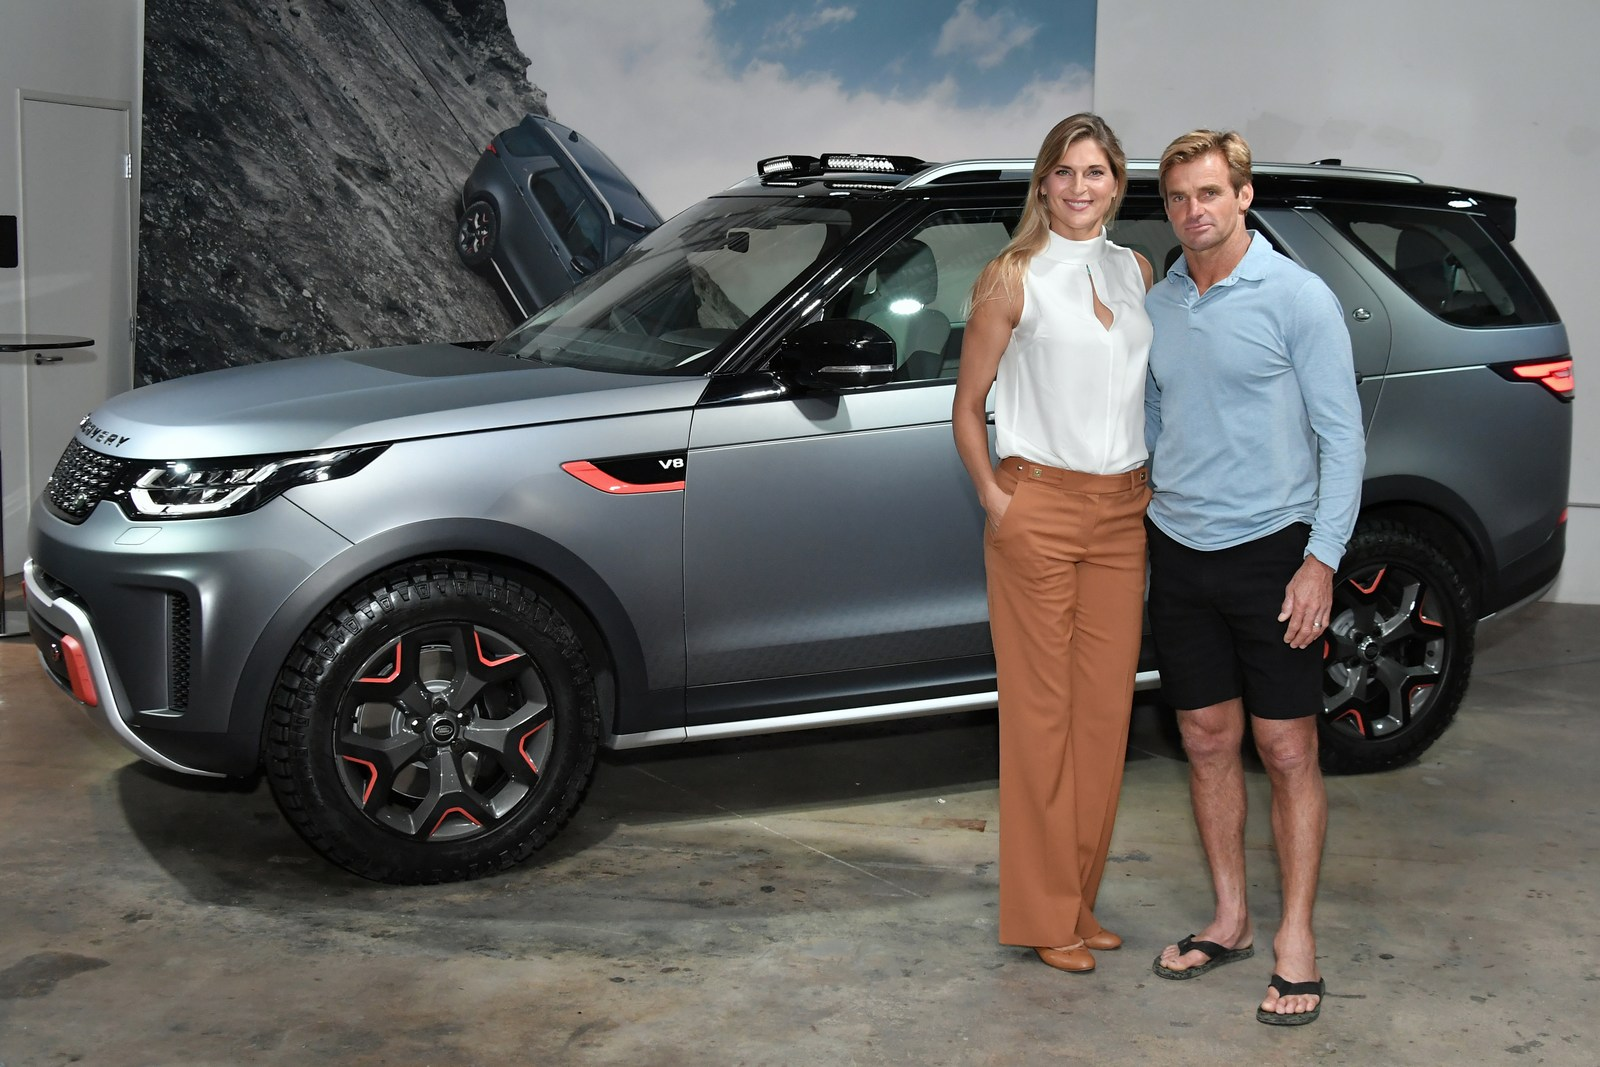 https://3.bp.blogspot.com/-QyfMi2_nMp0/Wh8SQDJ5RDI/AAAAAAAAO7w/dlHloflbbbIOMsMclq8ygt-4ETk5hSm6gCLcBGAs/s1600/Land-Rover-Discovery-SVX-22.jpg